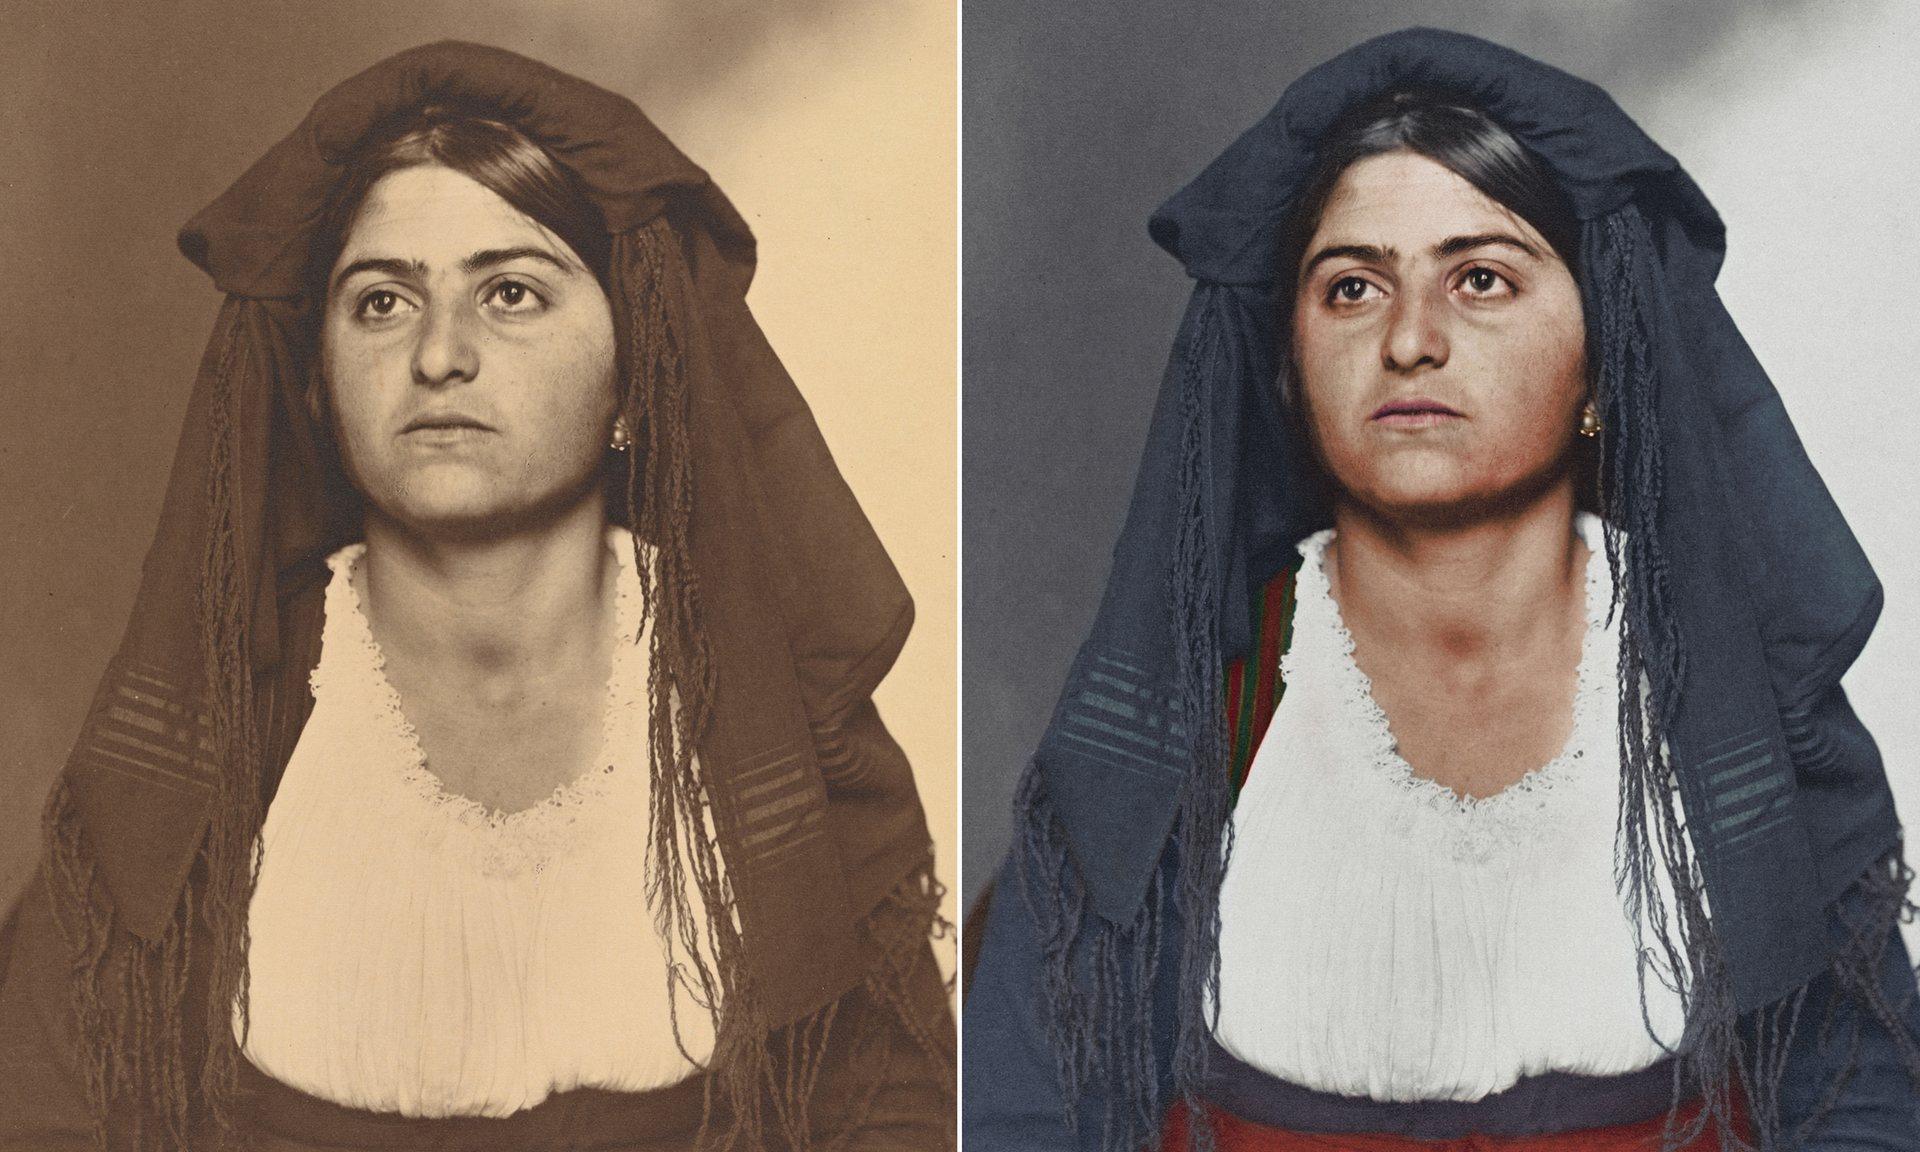 Una mujer italiana alrededor de 1910 que lleva un vestido de casa tradicional y chal